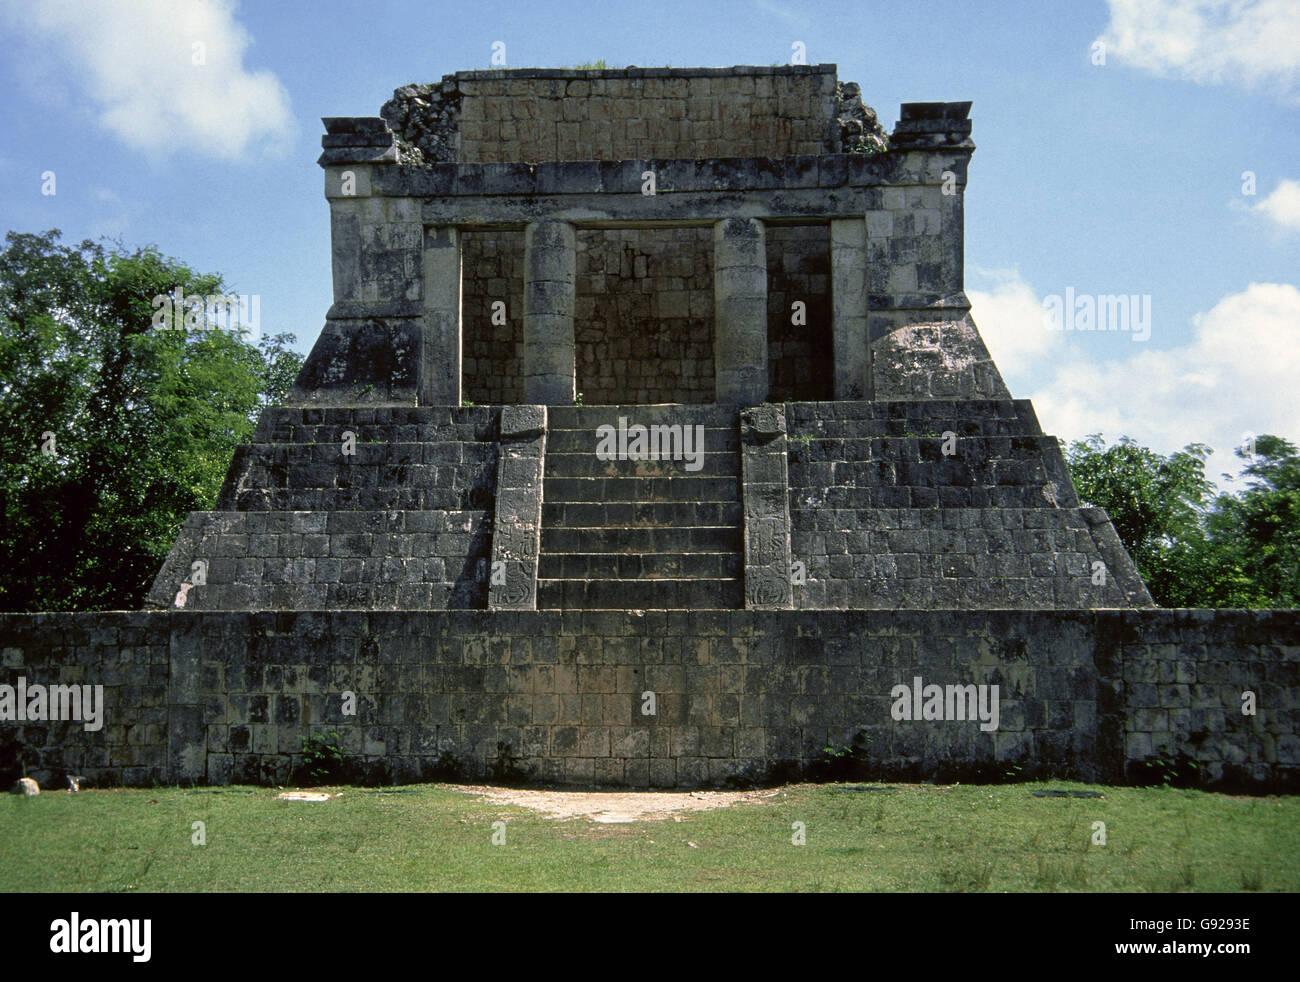 México. Chichen Itza. Ciudad maya. Templo del Hombre Barbado o Templo del norte. Período Clásico. Yucatán. Foto de stock